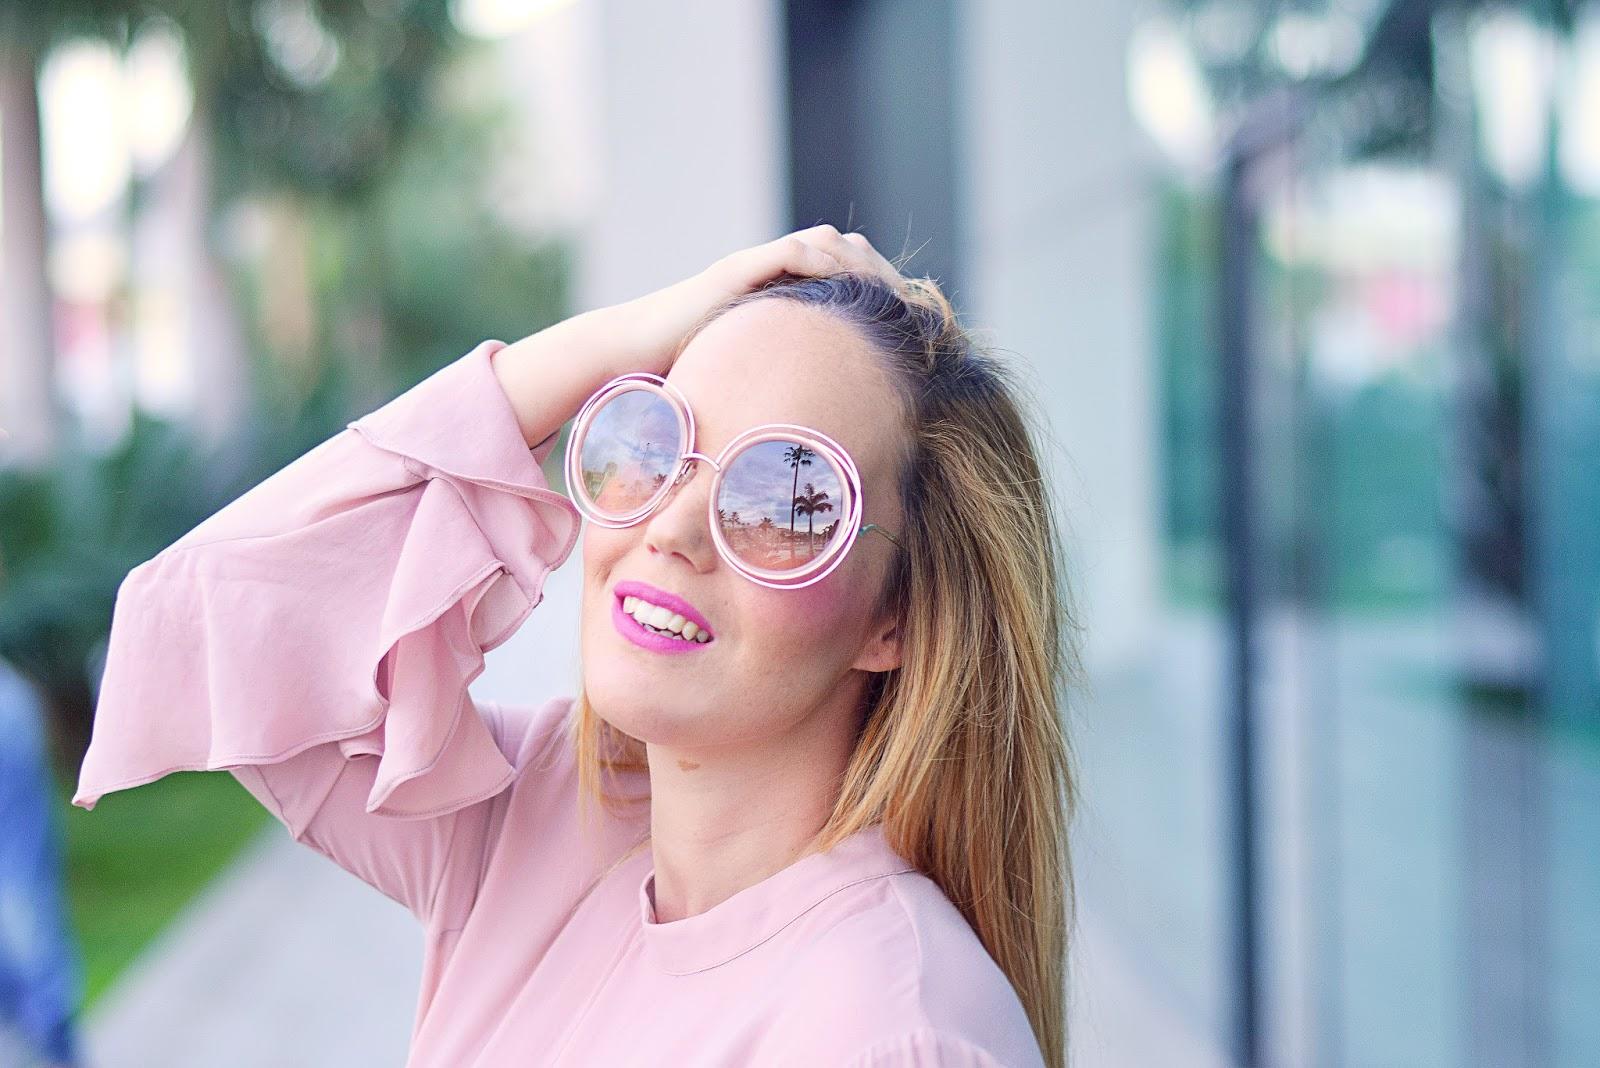 Blusa de volantes, rosa empolvado, nery hdez, gafas chloé, gafas chloé jennifer lopez, opticalh, miu miu,